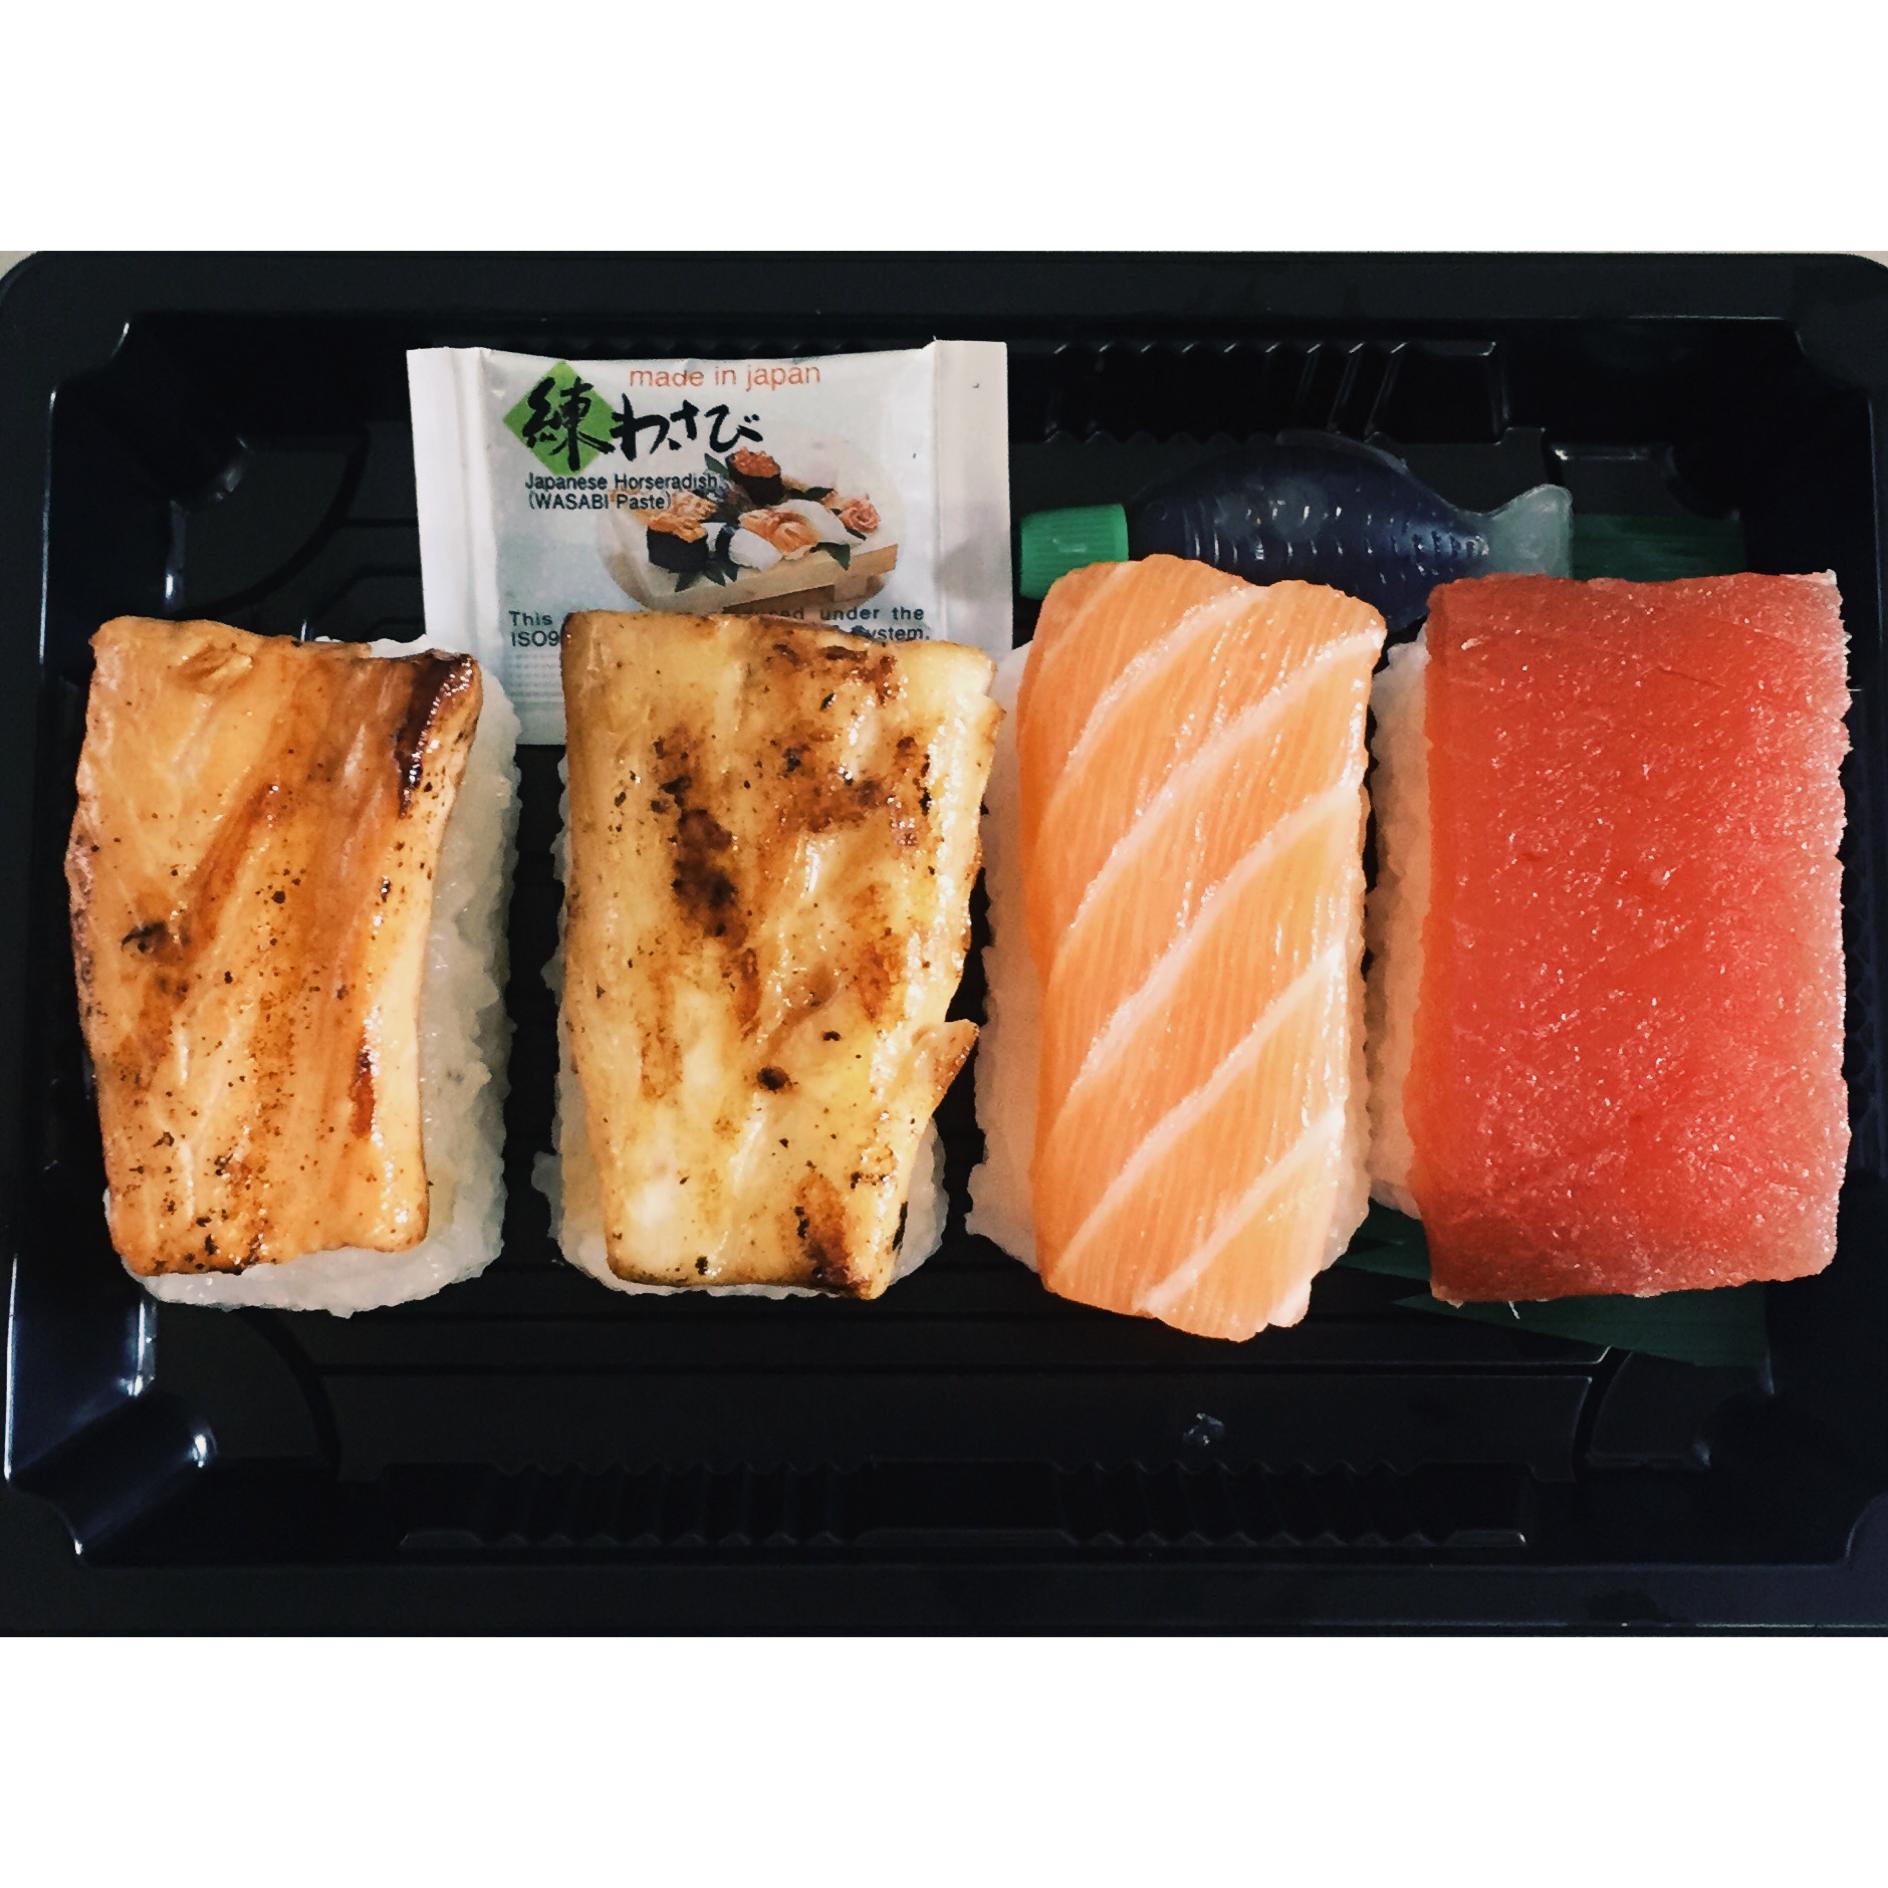 THE MIXED NIGIRI BOX - £6  2 x grilled teriyaki salmon, 2 x grilled teriyaki salmon, 2 x salmon nigiri